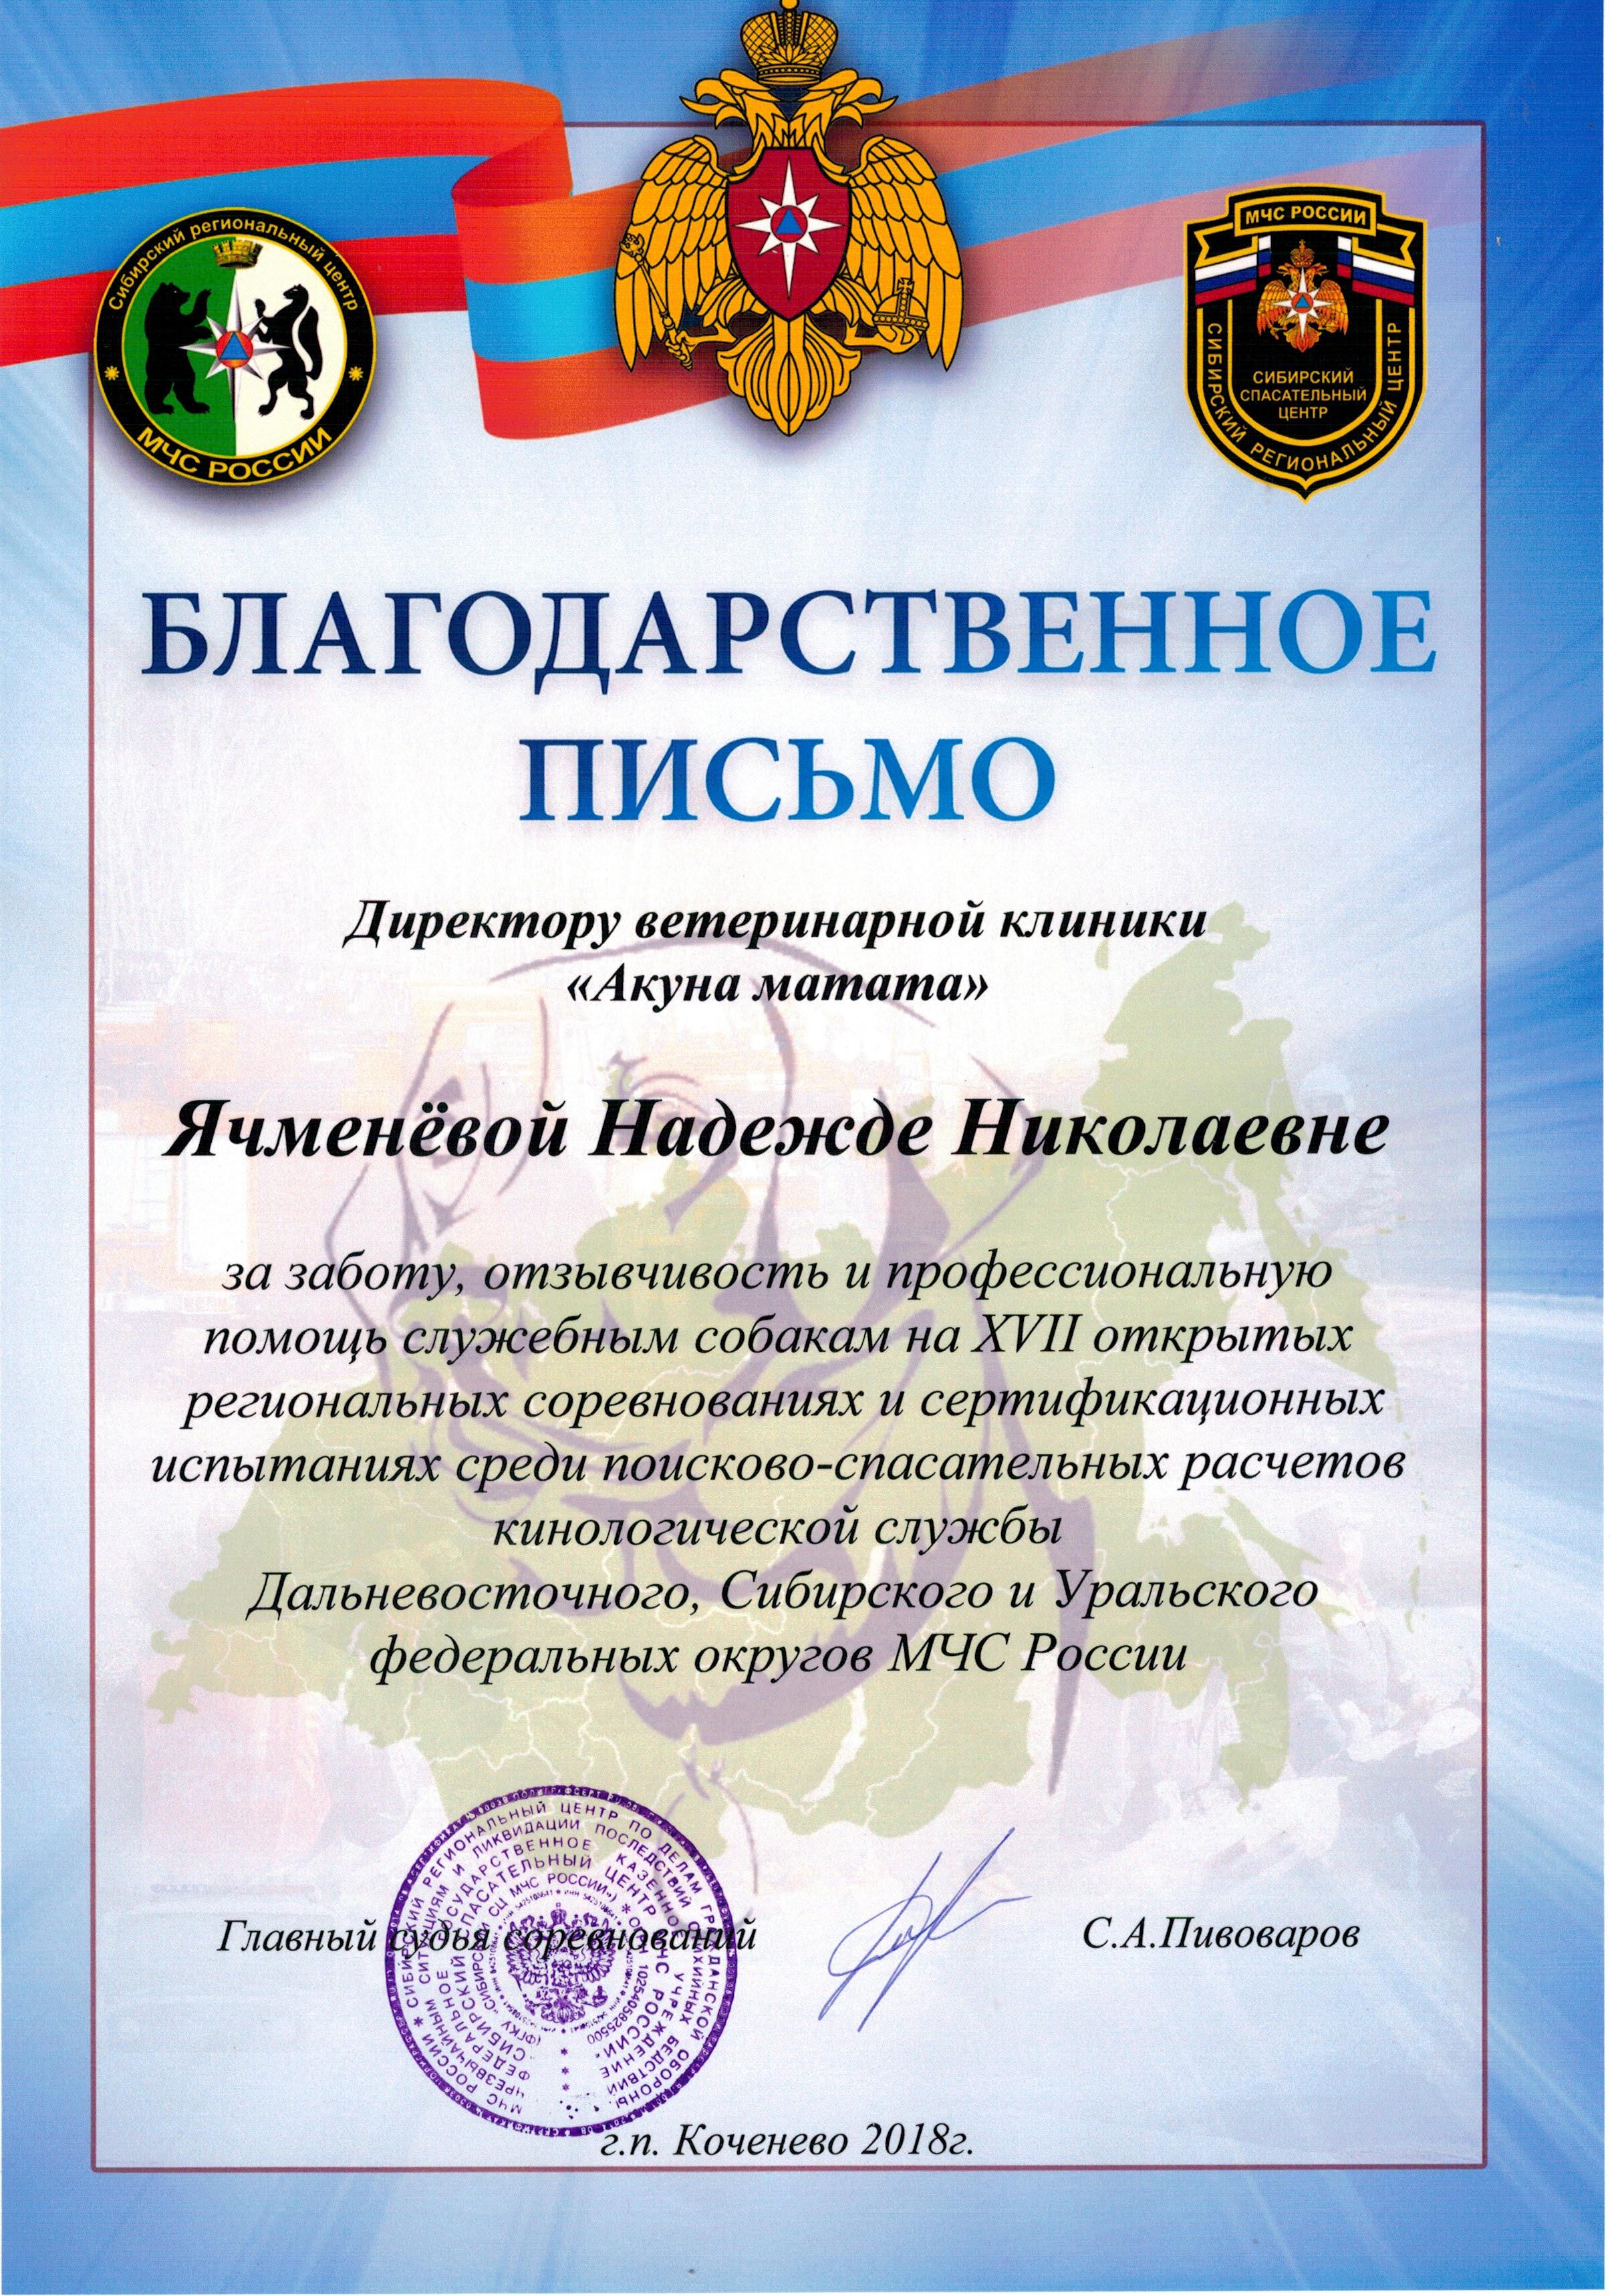 Благодарственное письмо МЧС России